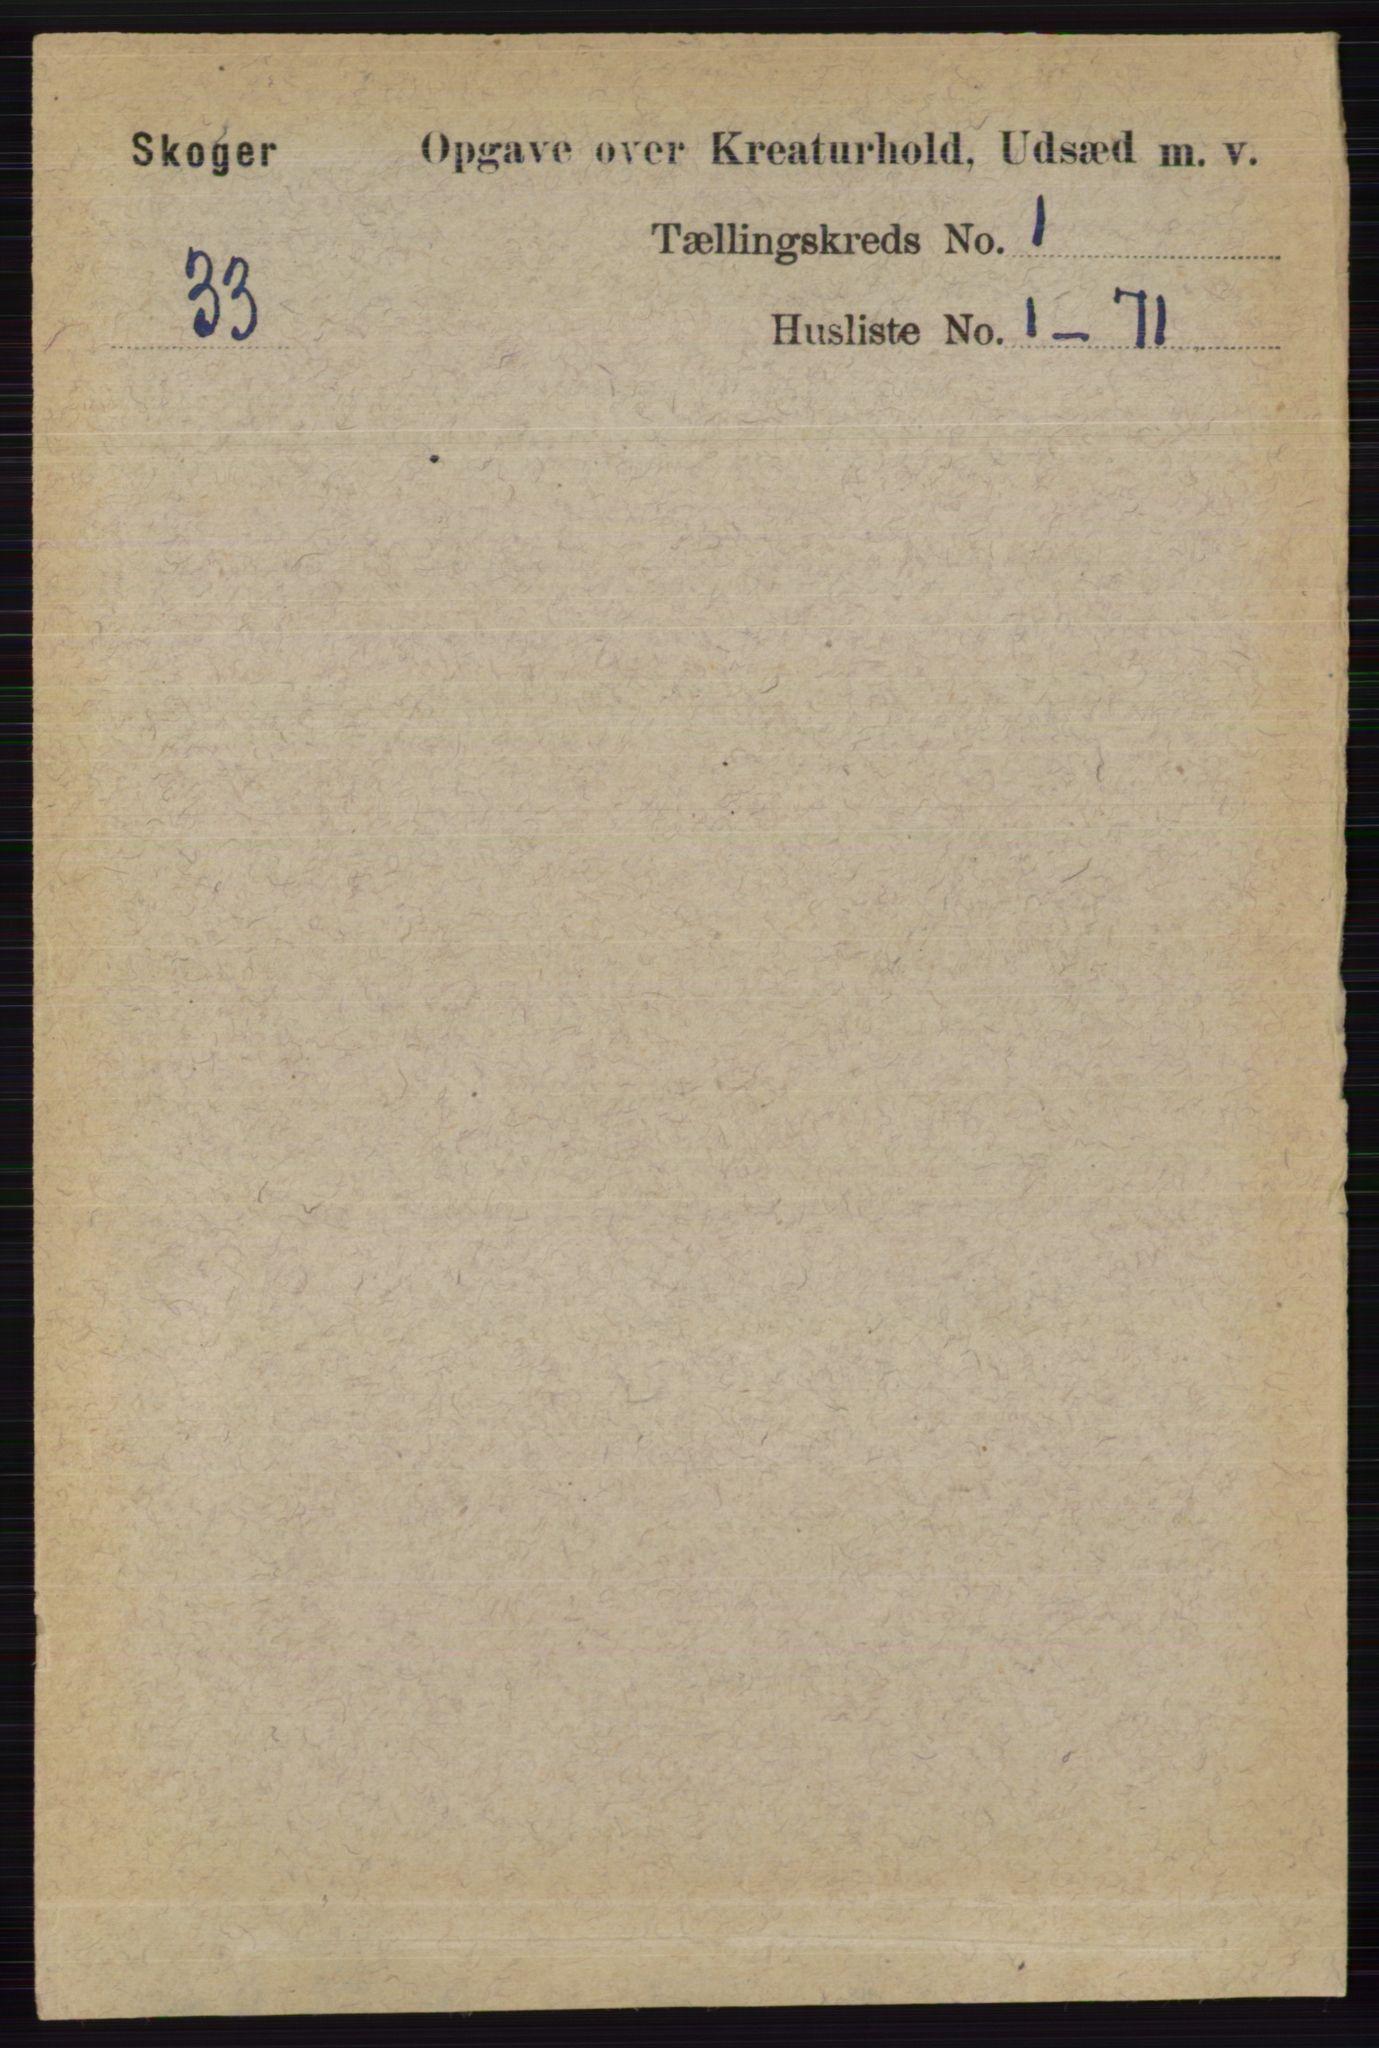 RA, Folketelling 1891 for 0712 Skoger herred, 1891, s. 4313